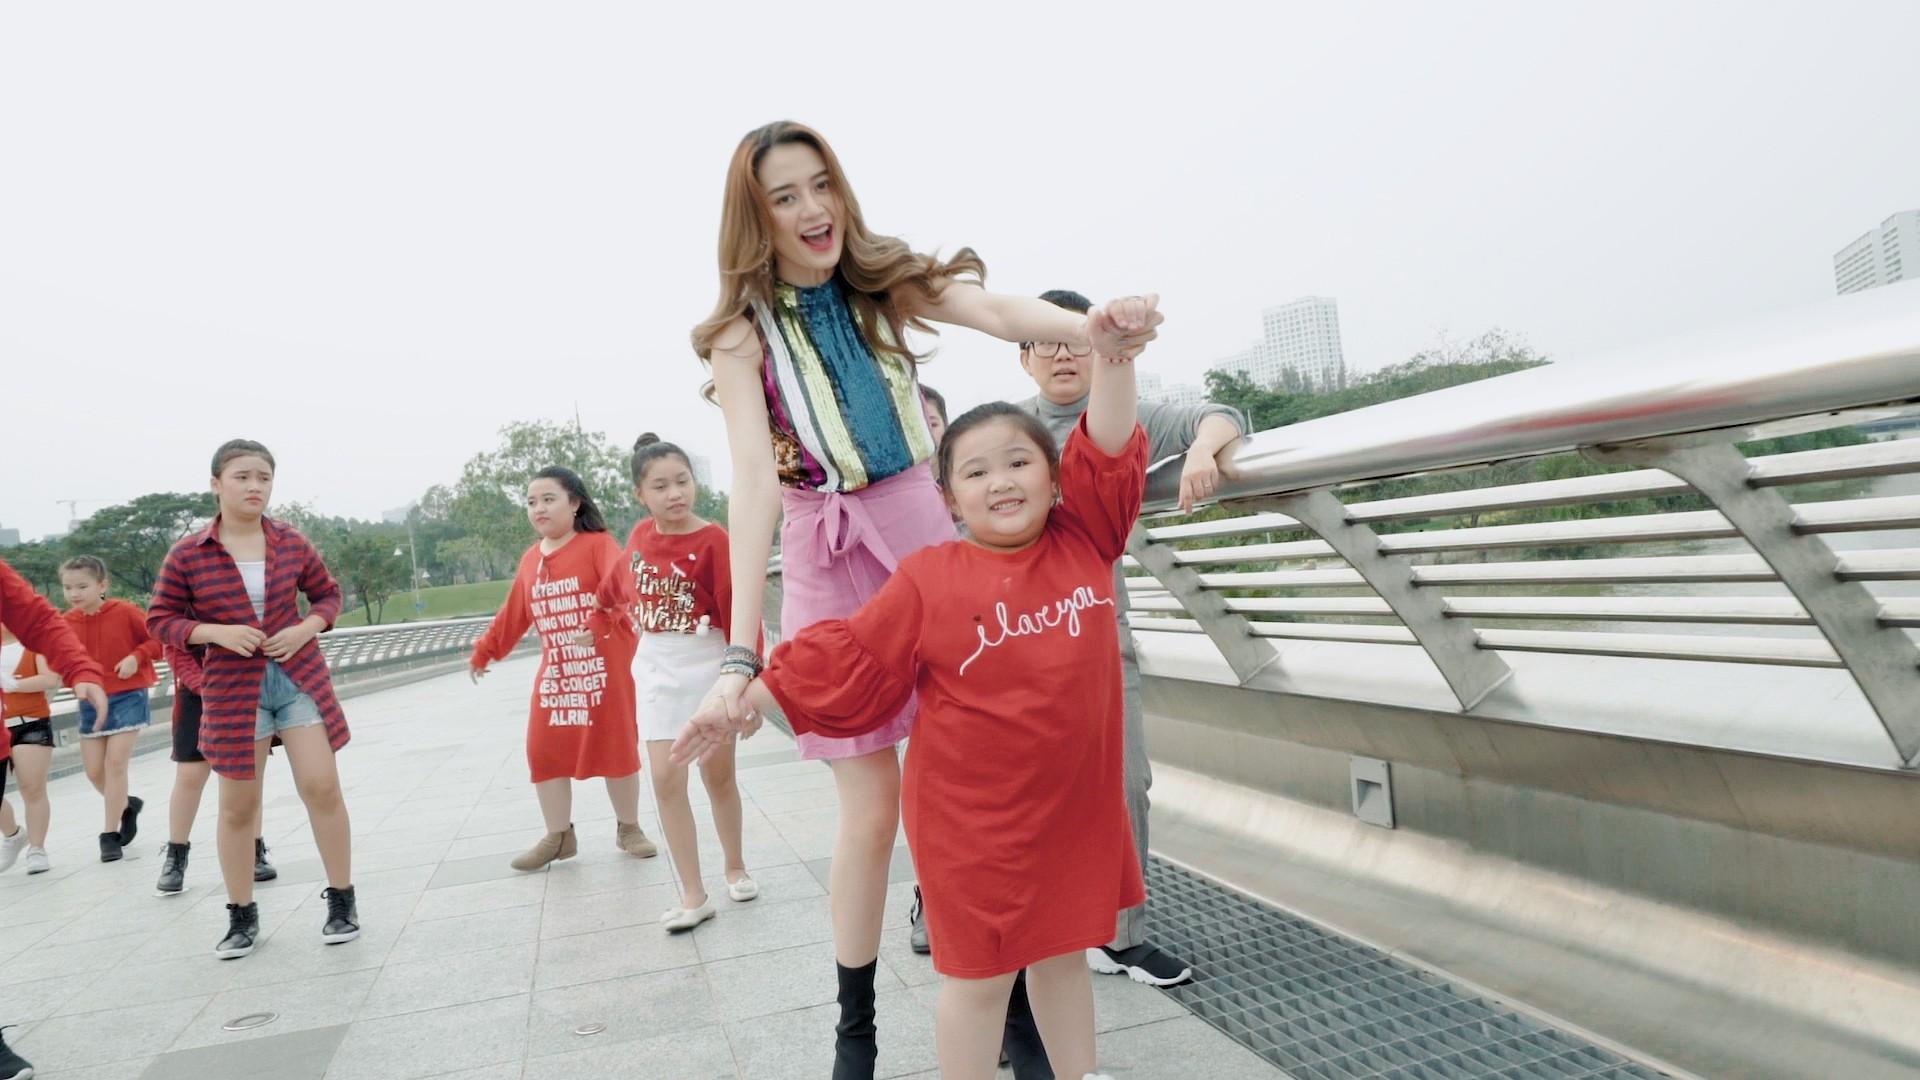 Phương Uyên, Thiều Bảo Trang, Vũ Thảo My quậy hết cỡ cùng trò nhí trong MV mang thông điệp tích cực về cuộc sống - Ảnh 4.